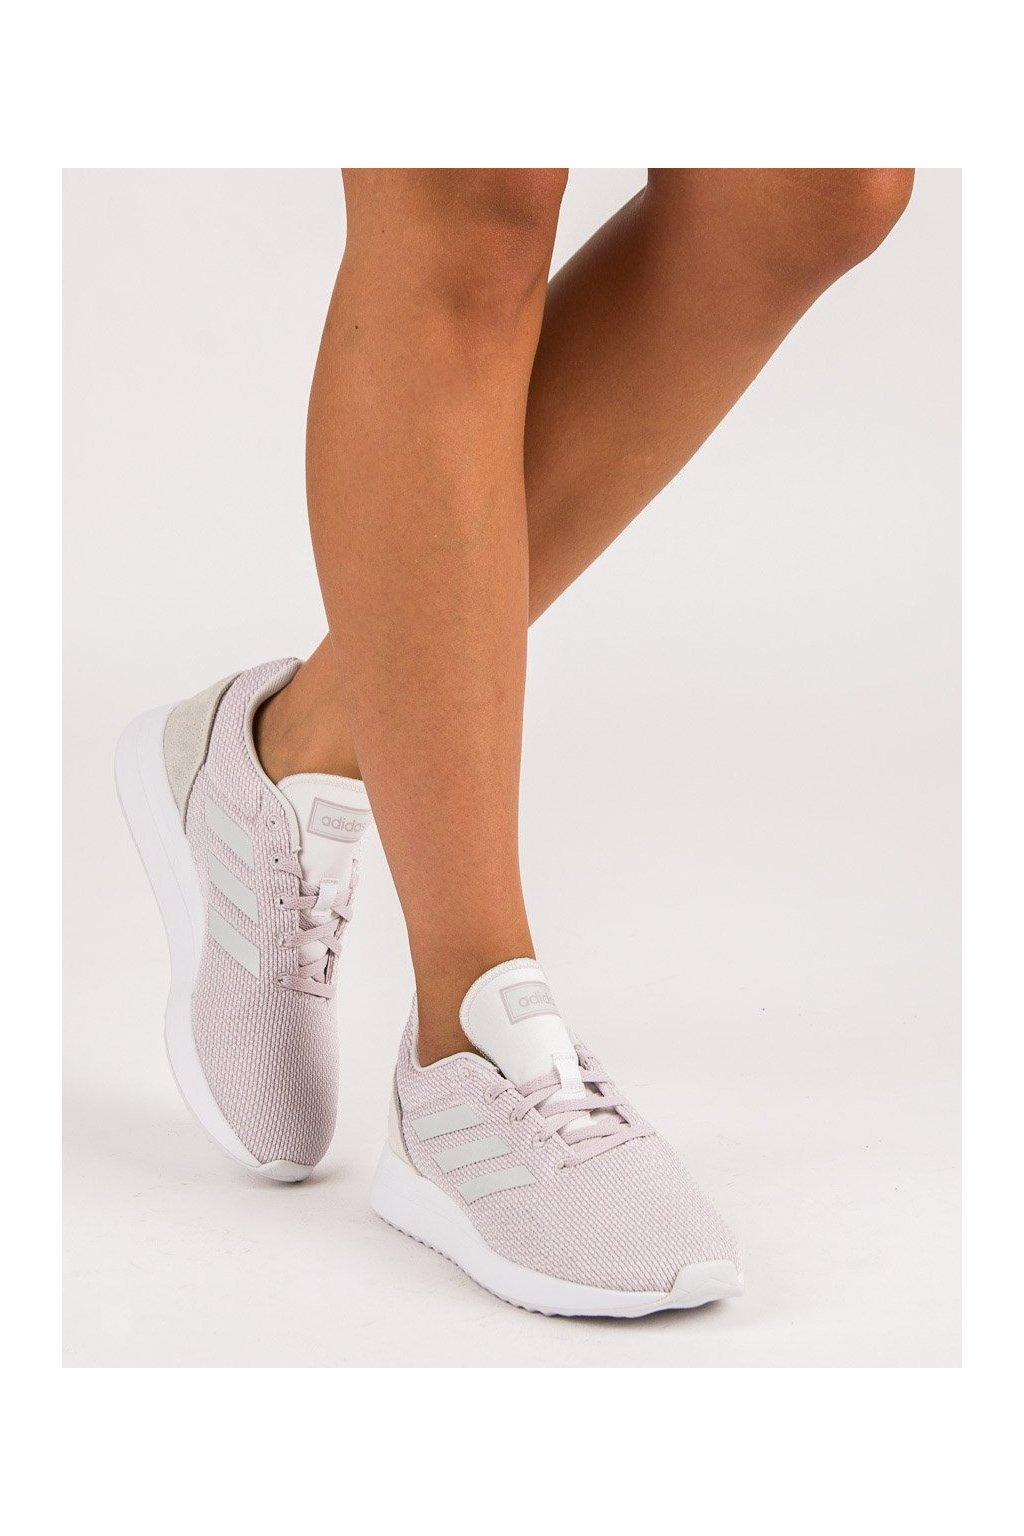 Fialové tenisky - Adidas kod B96560